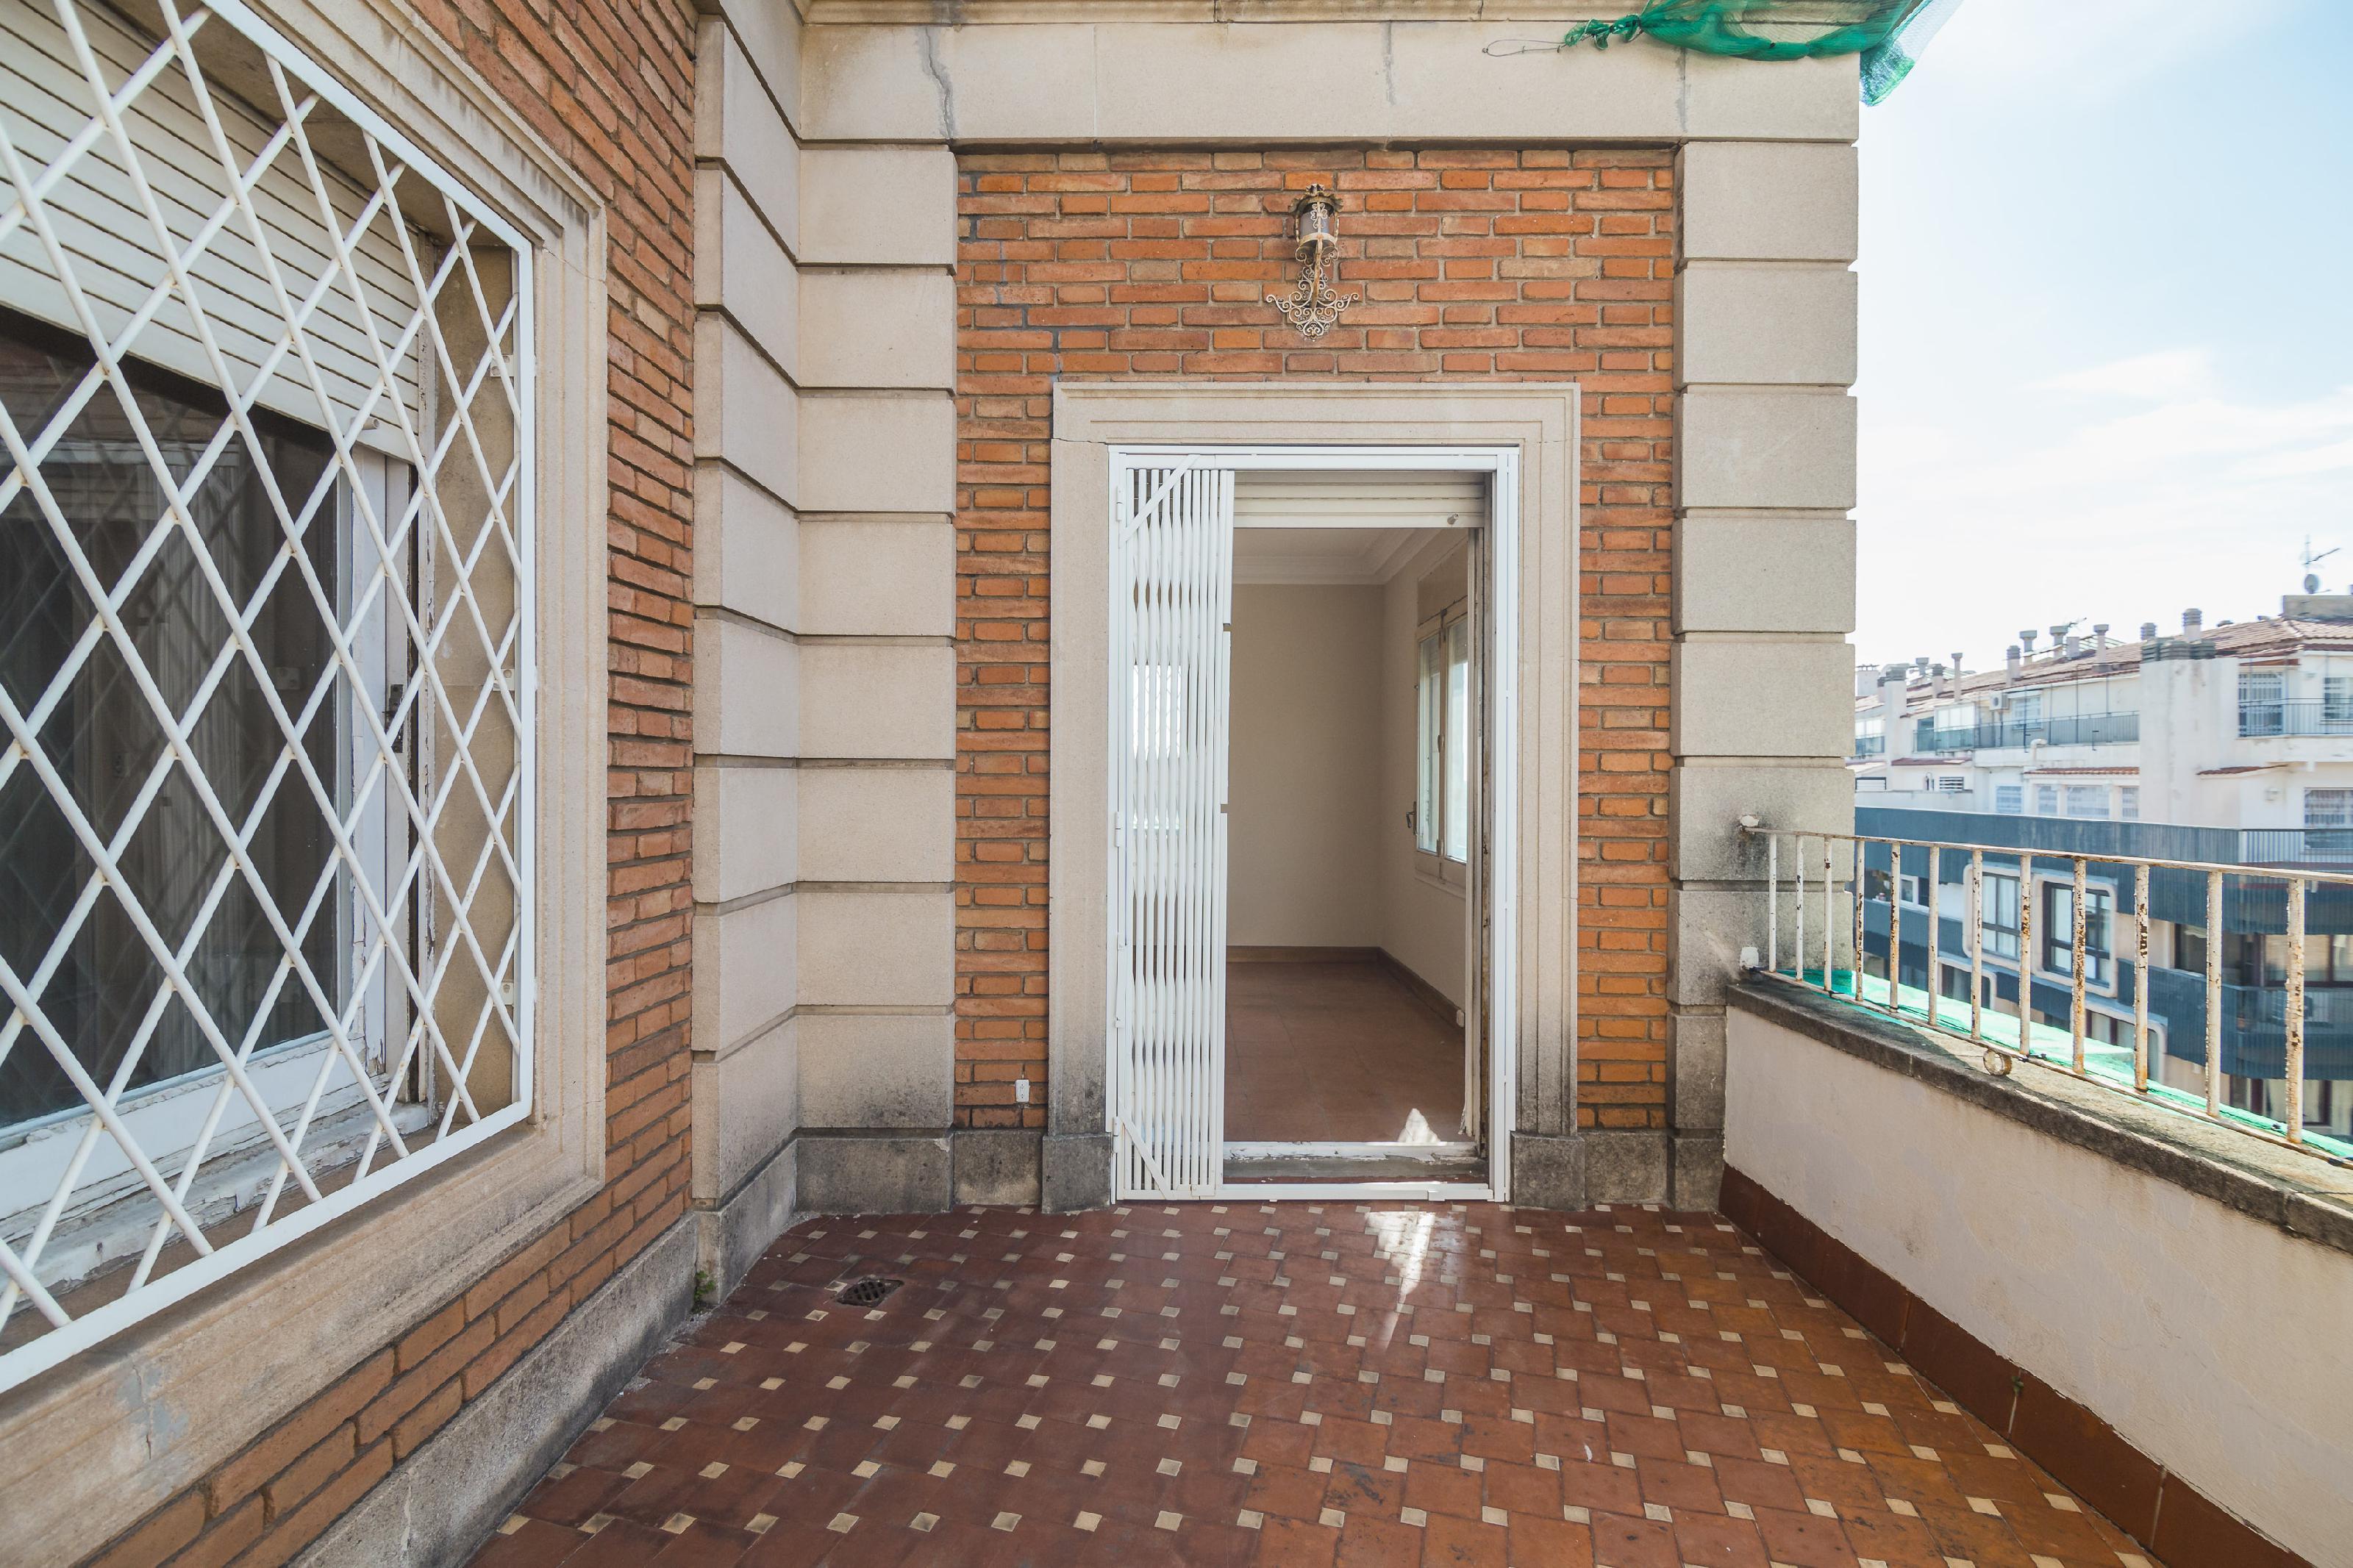 246643 Penthouse for sale in Sarrià-Sant Gervasi, St. Gervasi-Bonanova 25